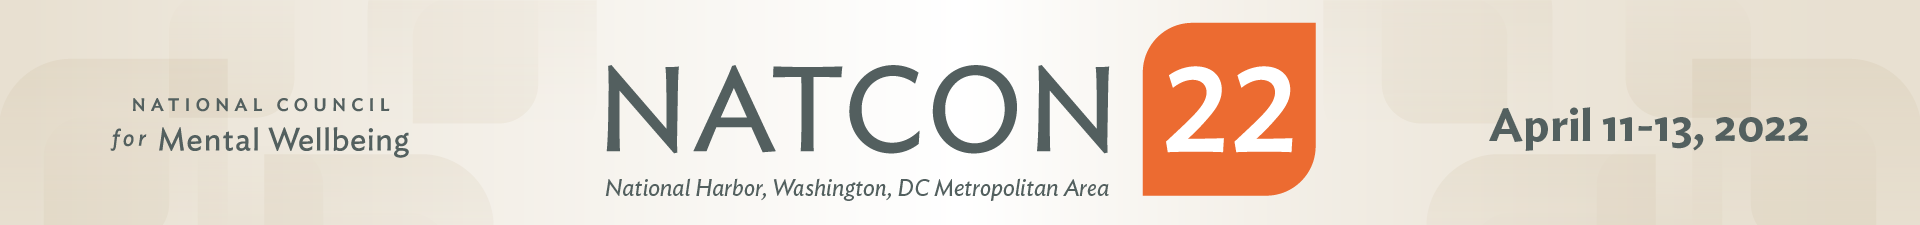 NatCon22 Event Banner